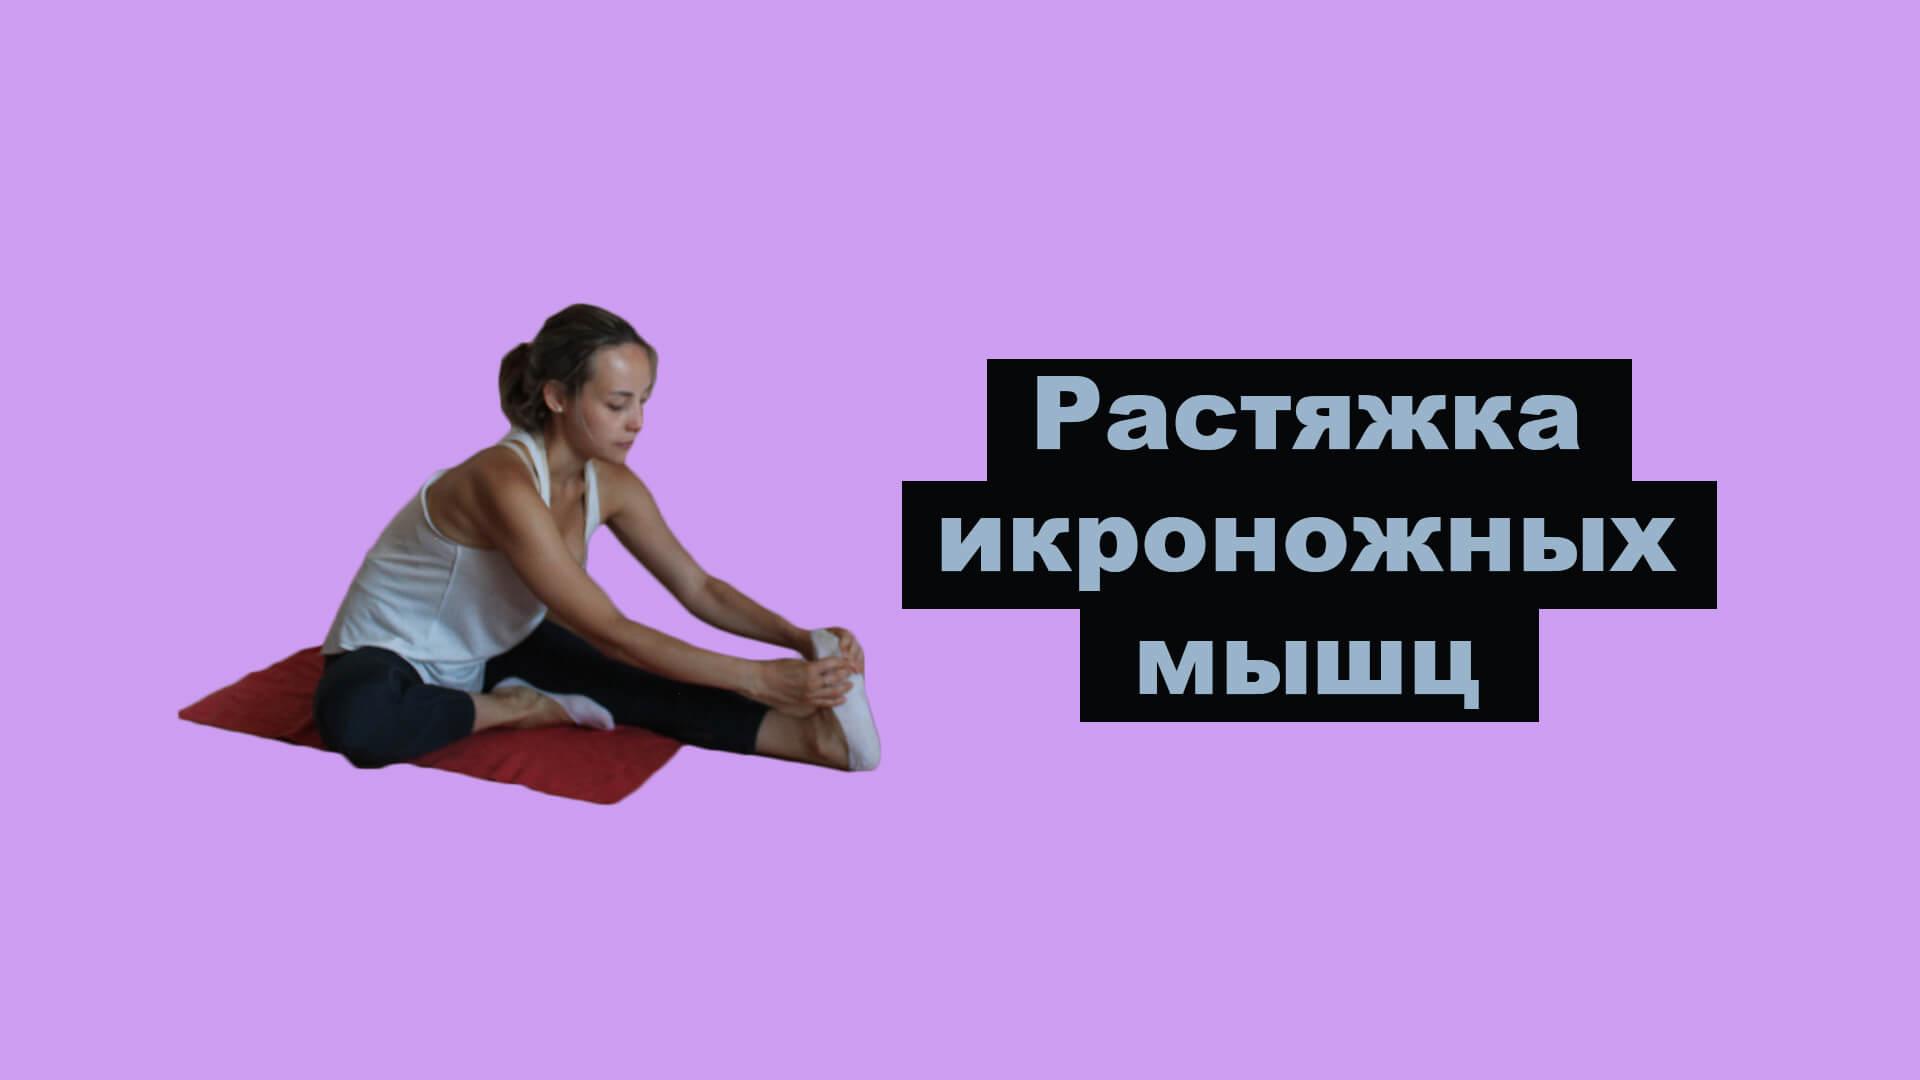 Растяжка икроножных мышц: фото.